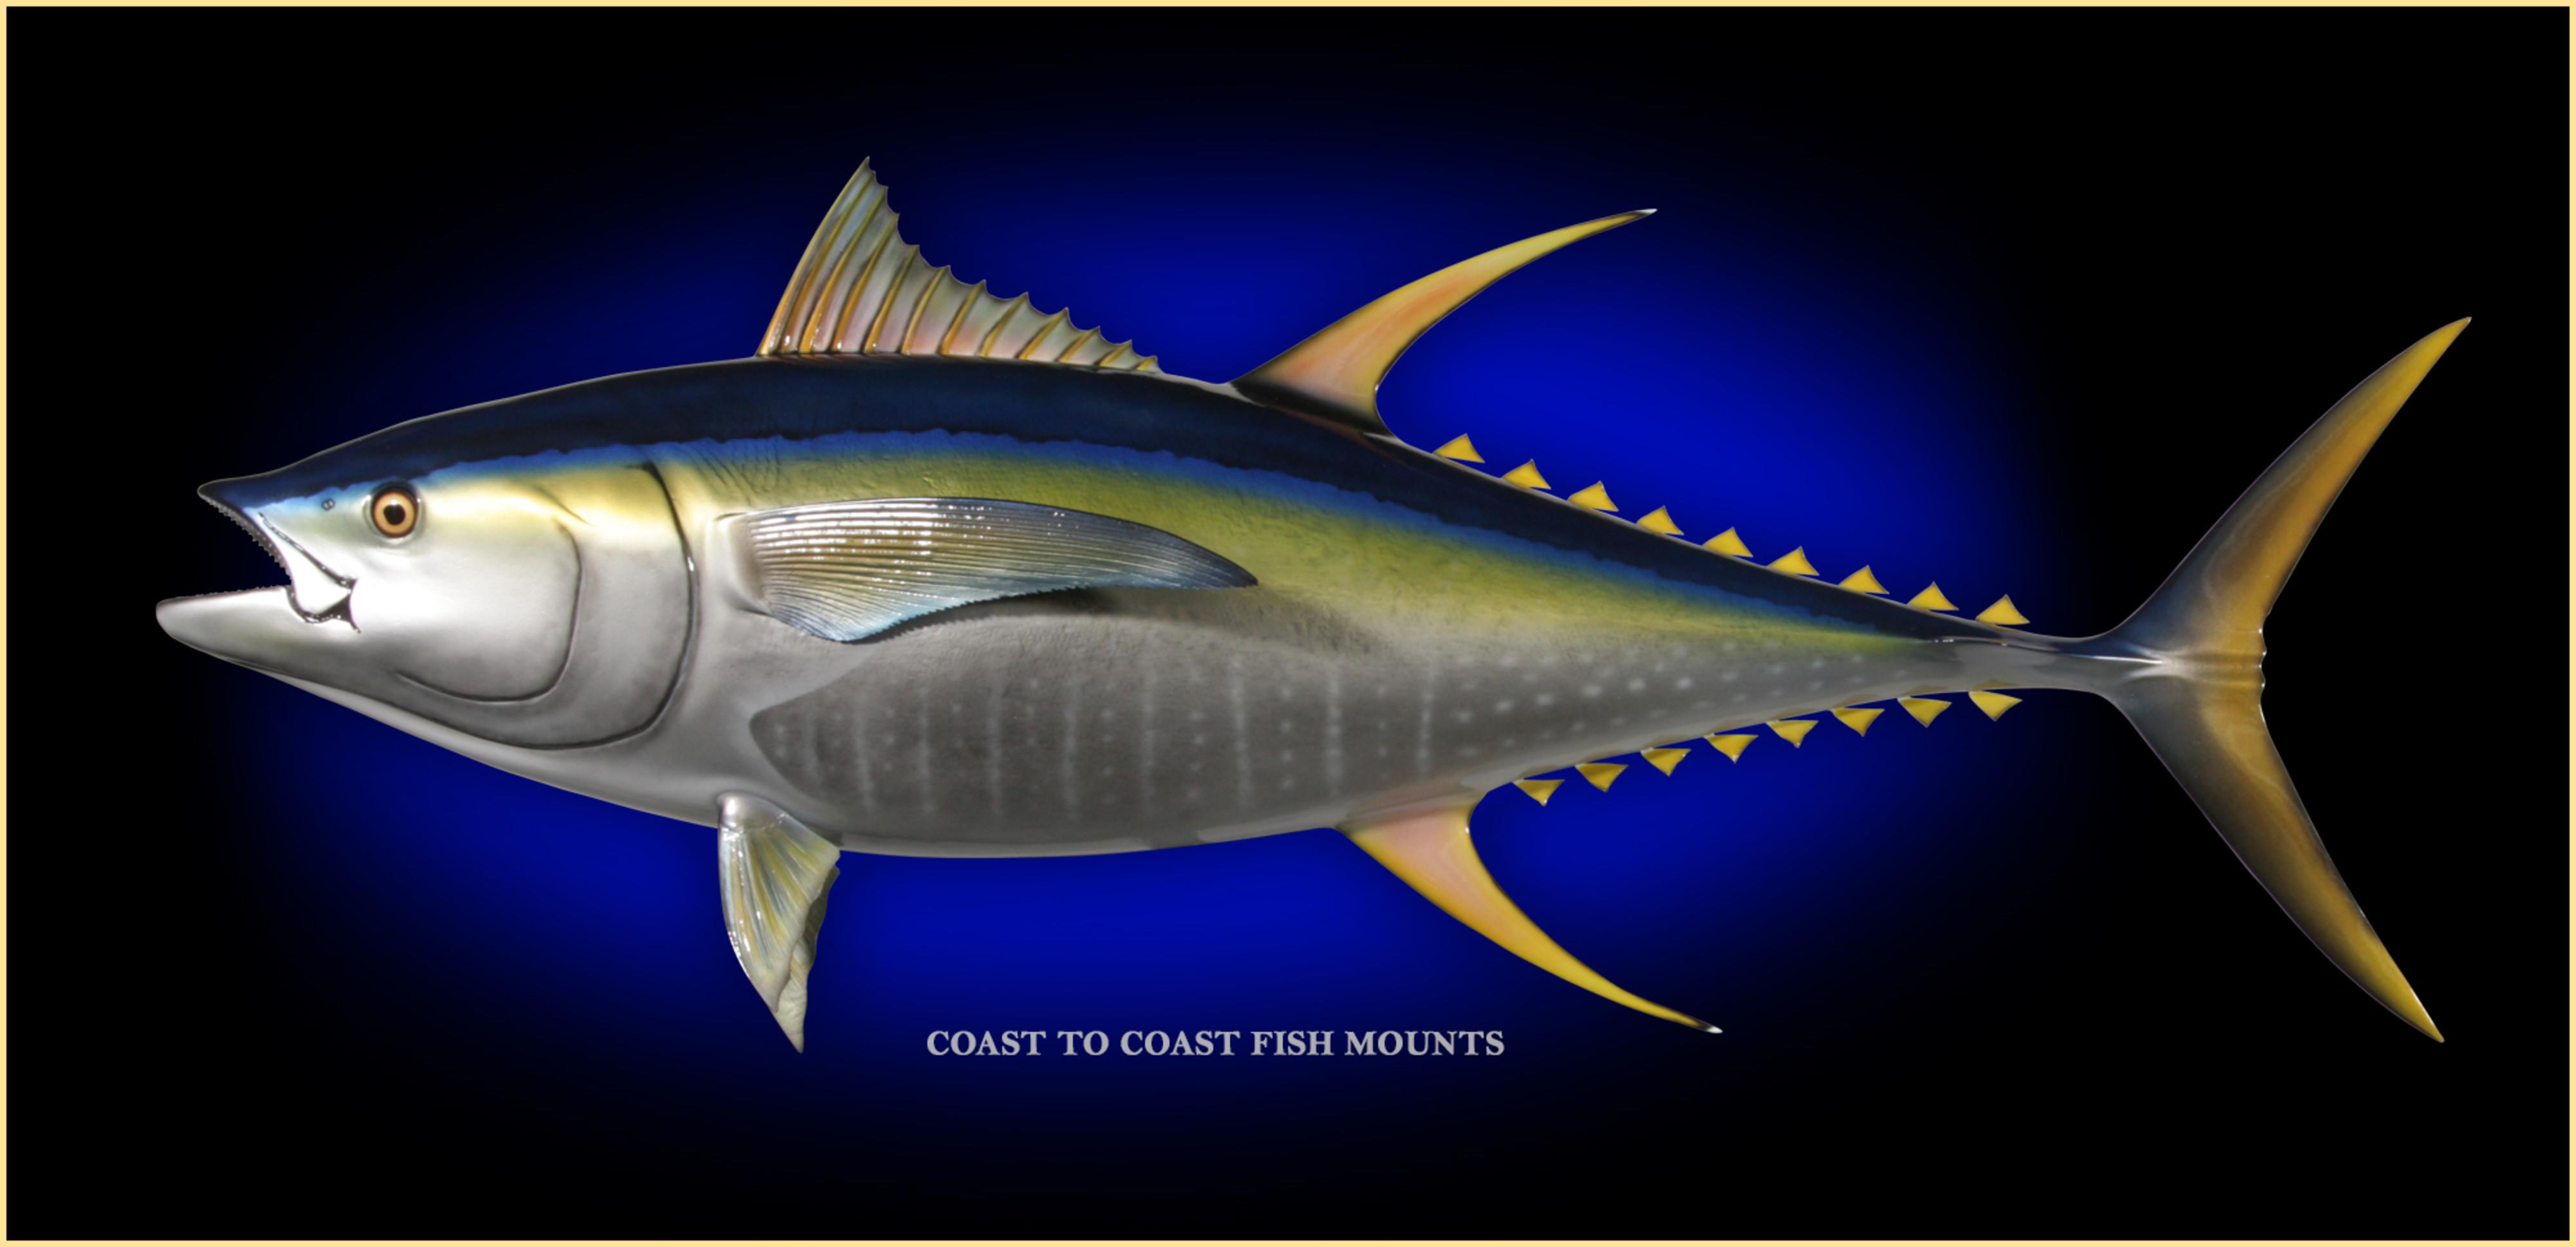 yellowfin tuna fish mount